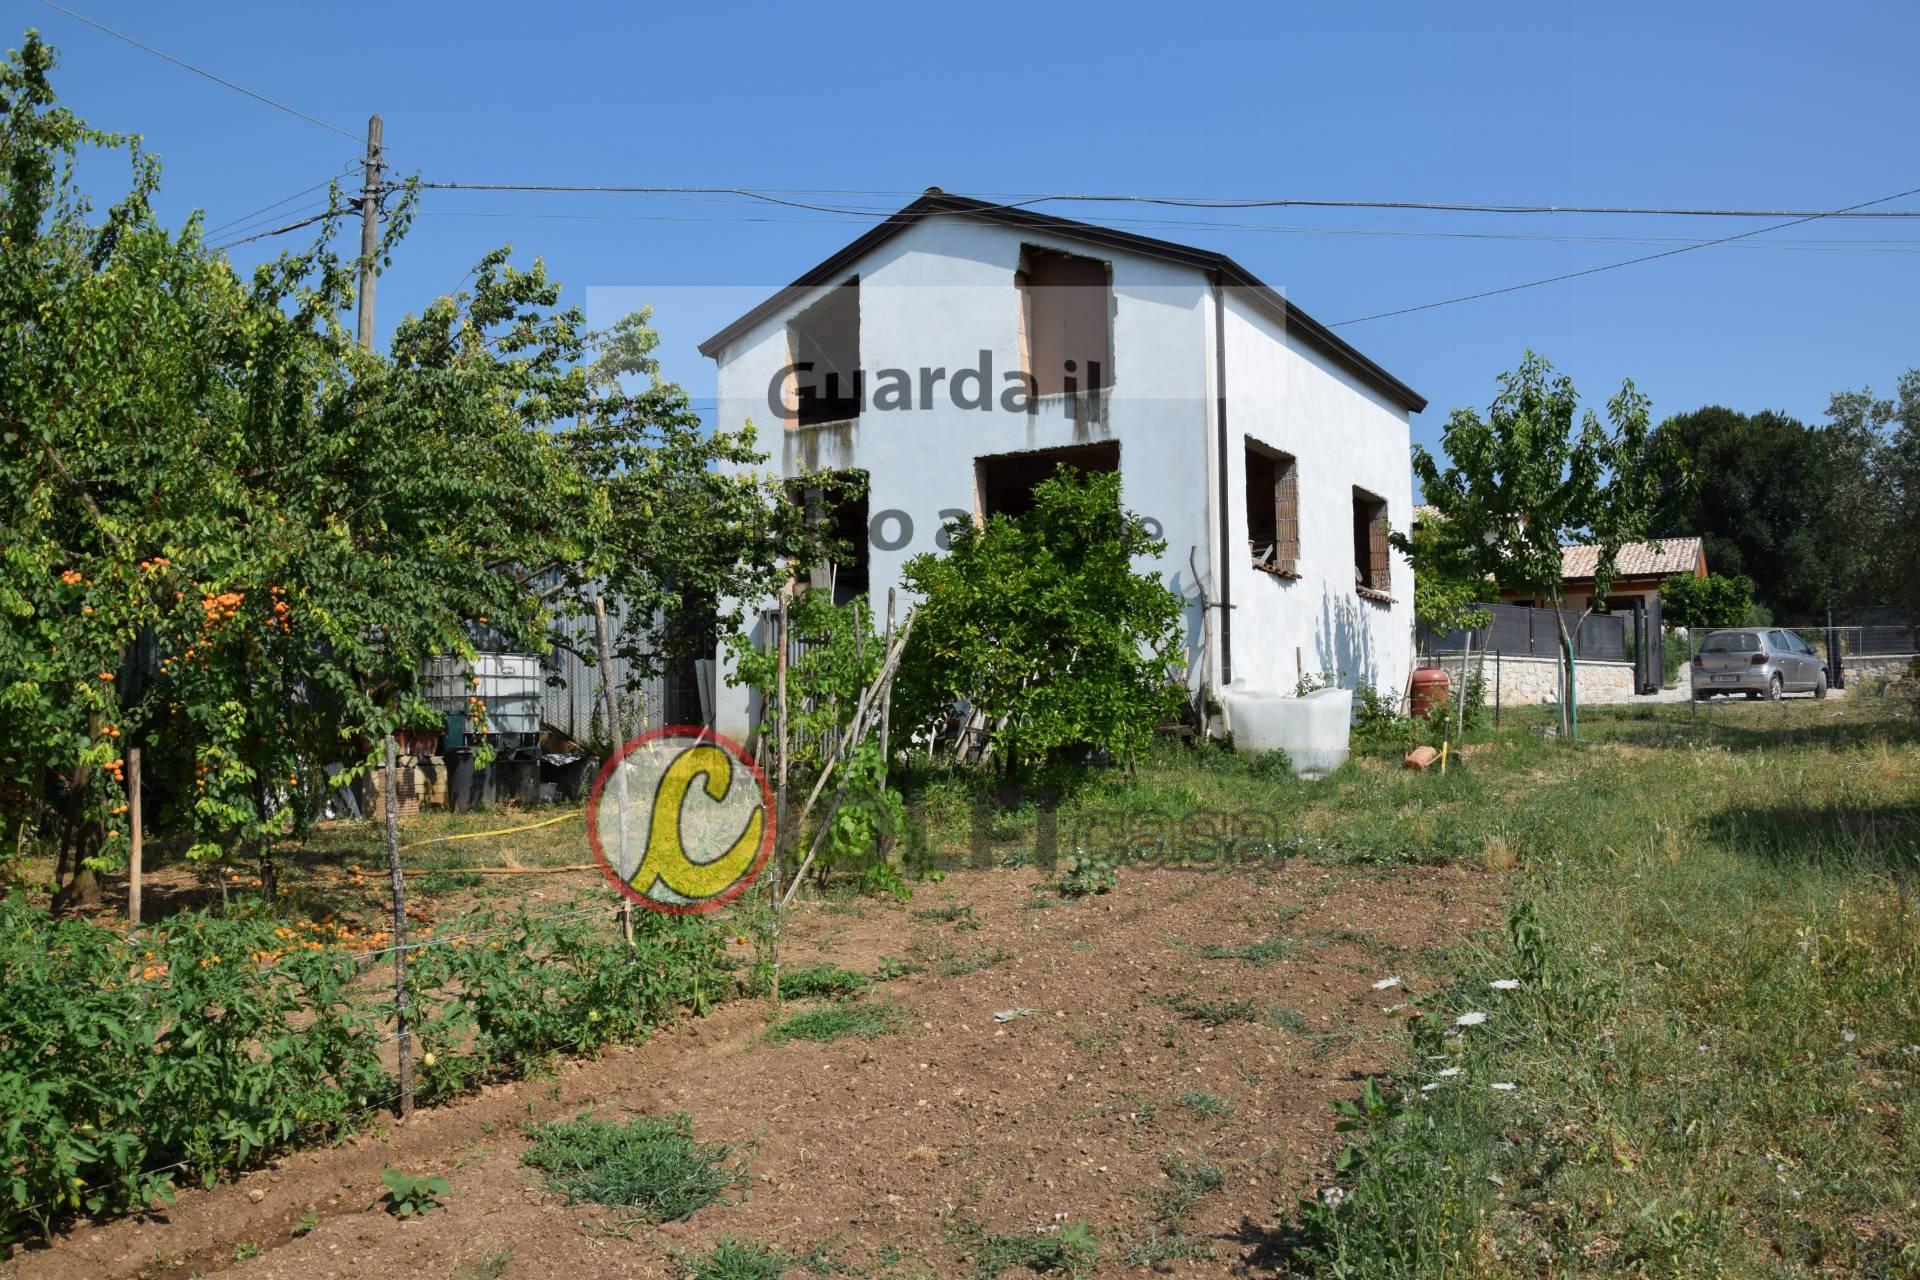 Terreno Agricolo in vendita a Sant'Elia Fiumerapido, 9999 locali, zona Zona: Portella, prezzo € 65.000   CambioCasa.it